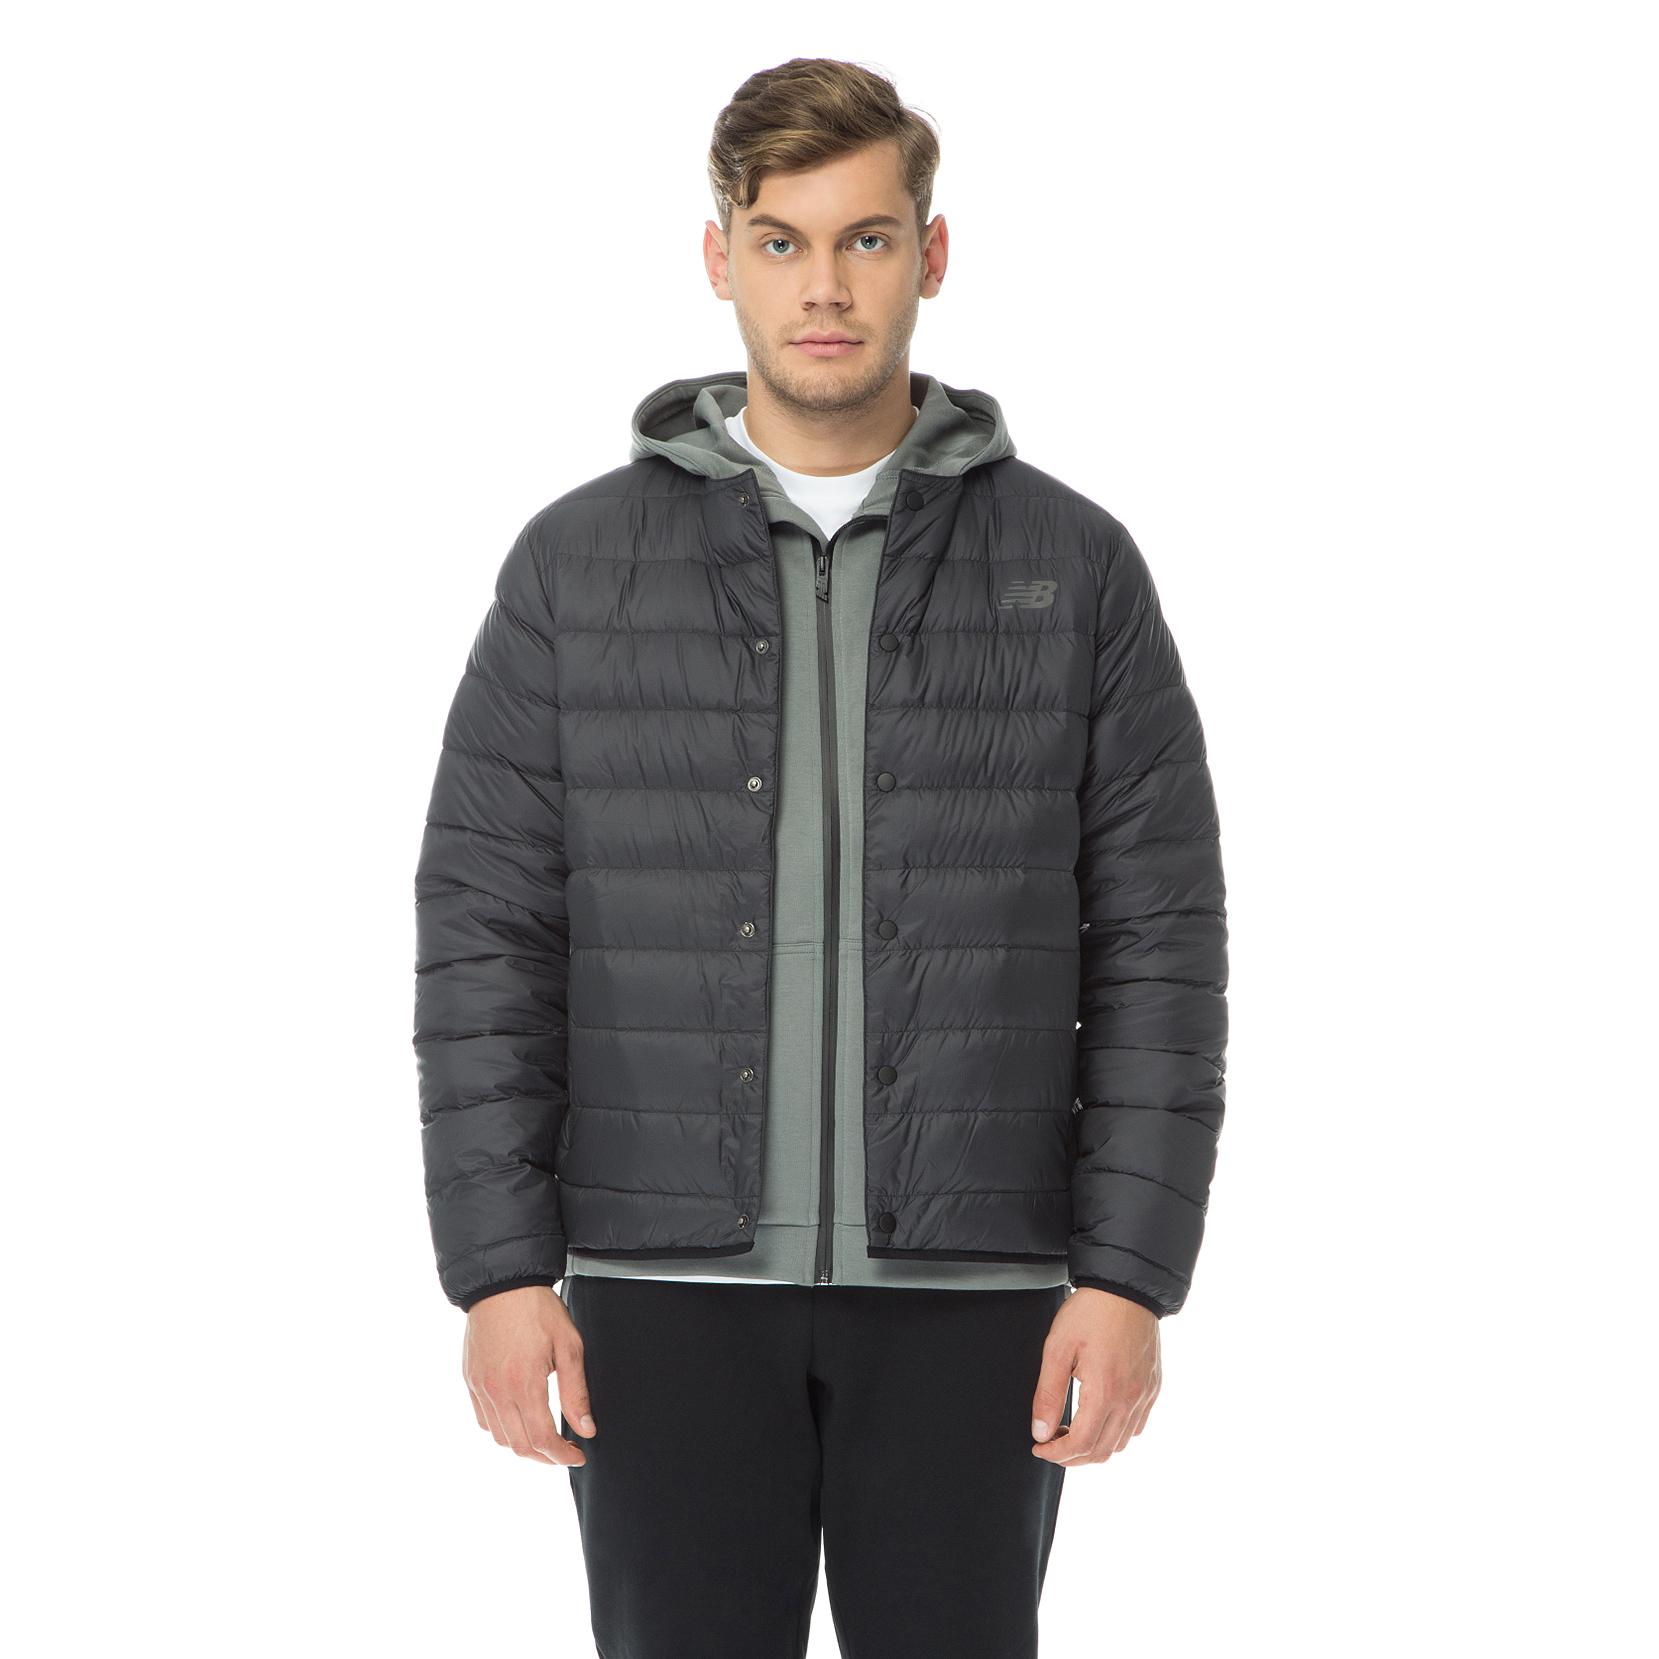 Куртка 247 Luxe Snap  для чоловіків MJ73549BK   New Balance